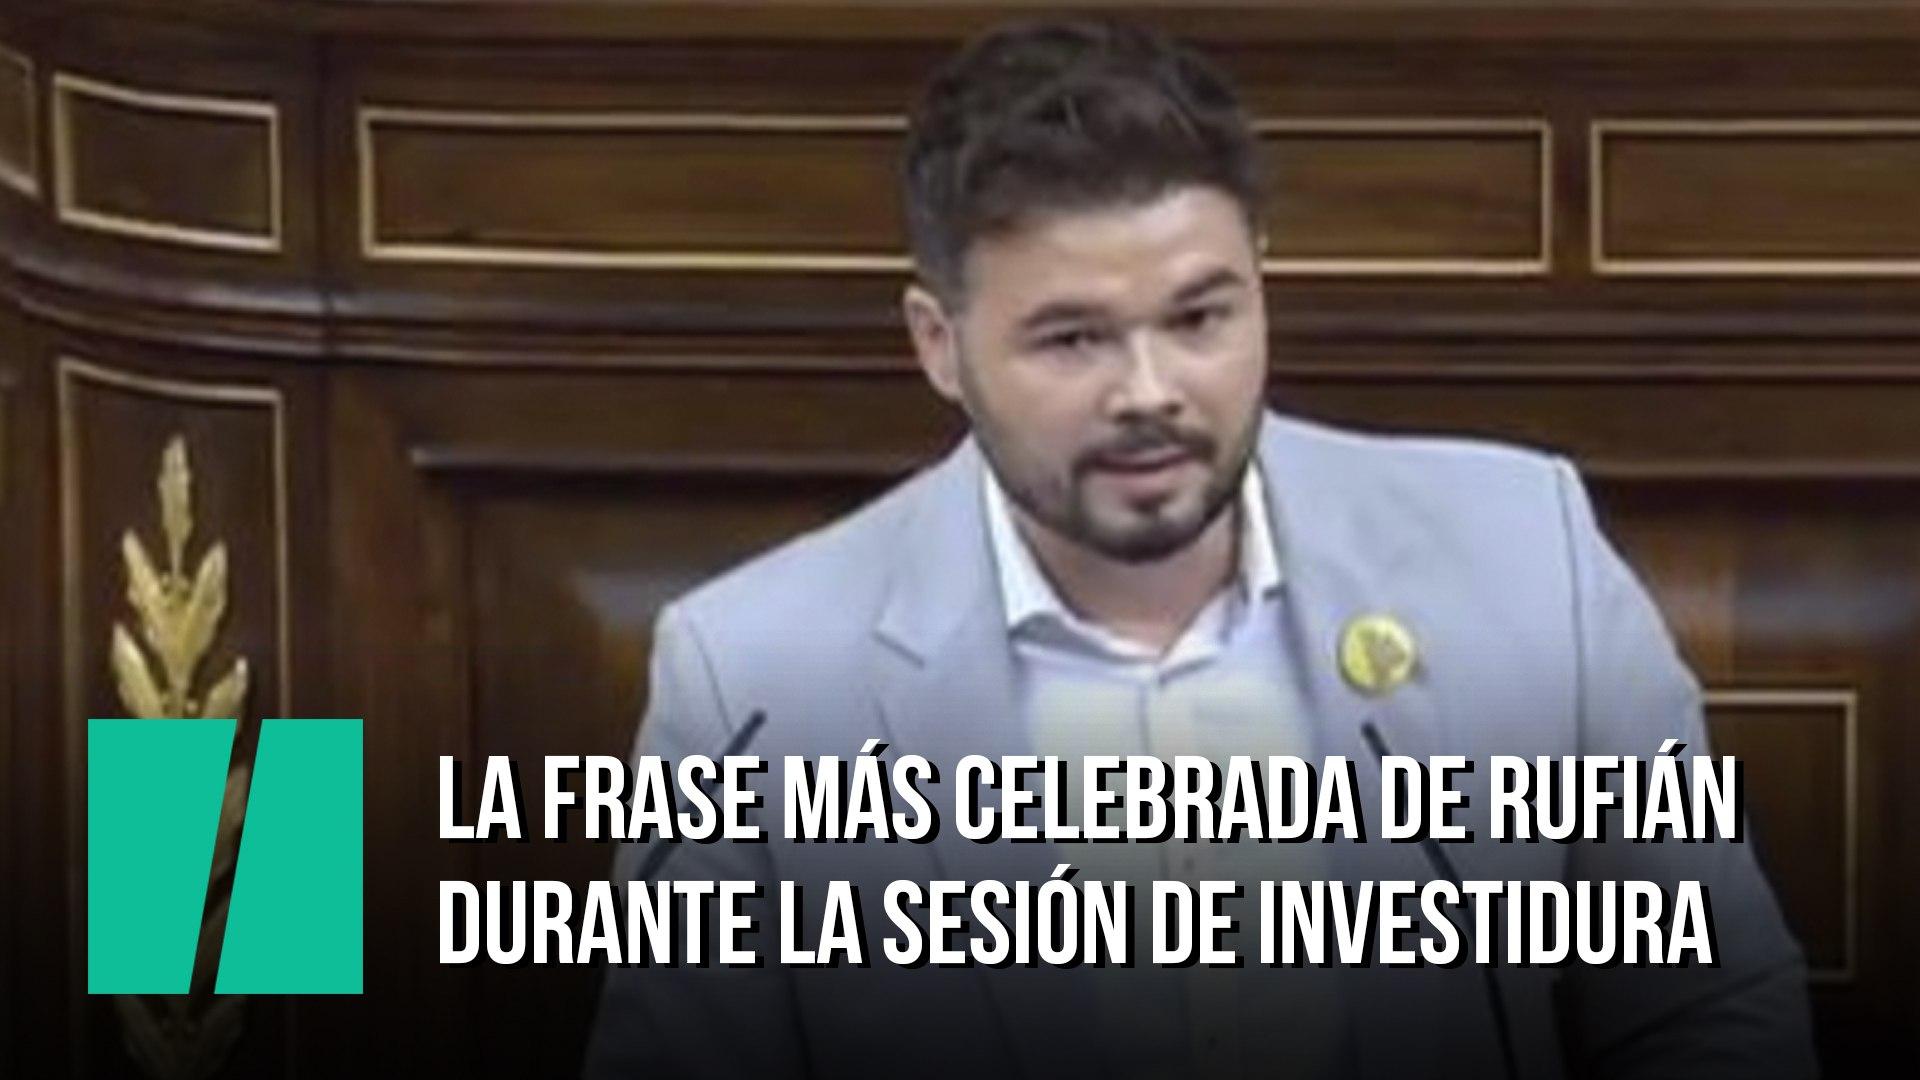 La Frase Más Celebrada De Rufián En La Sesión De Investidura